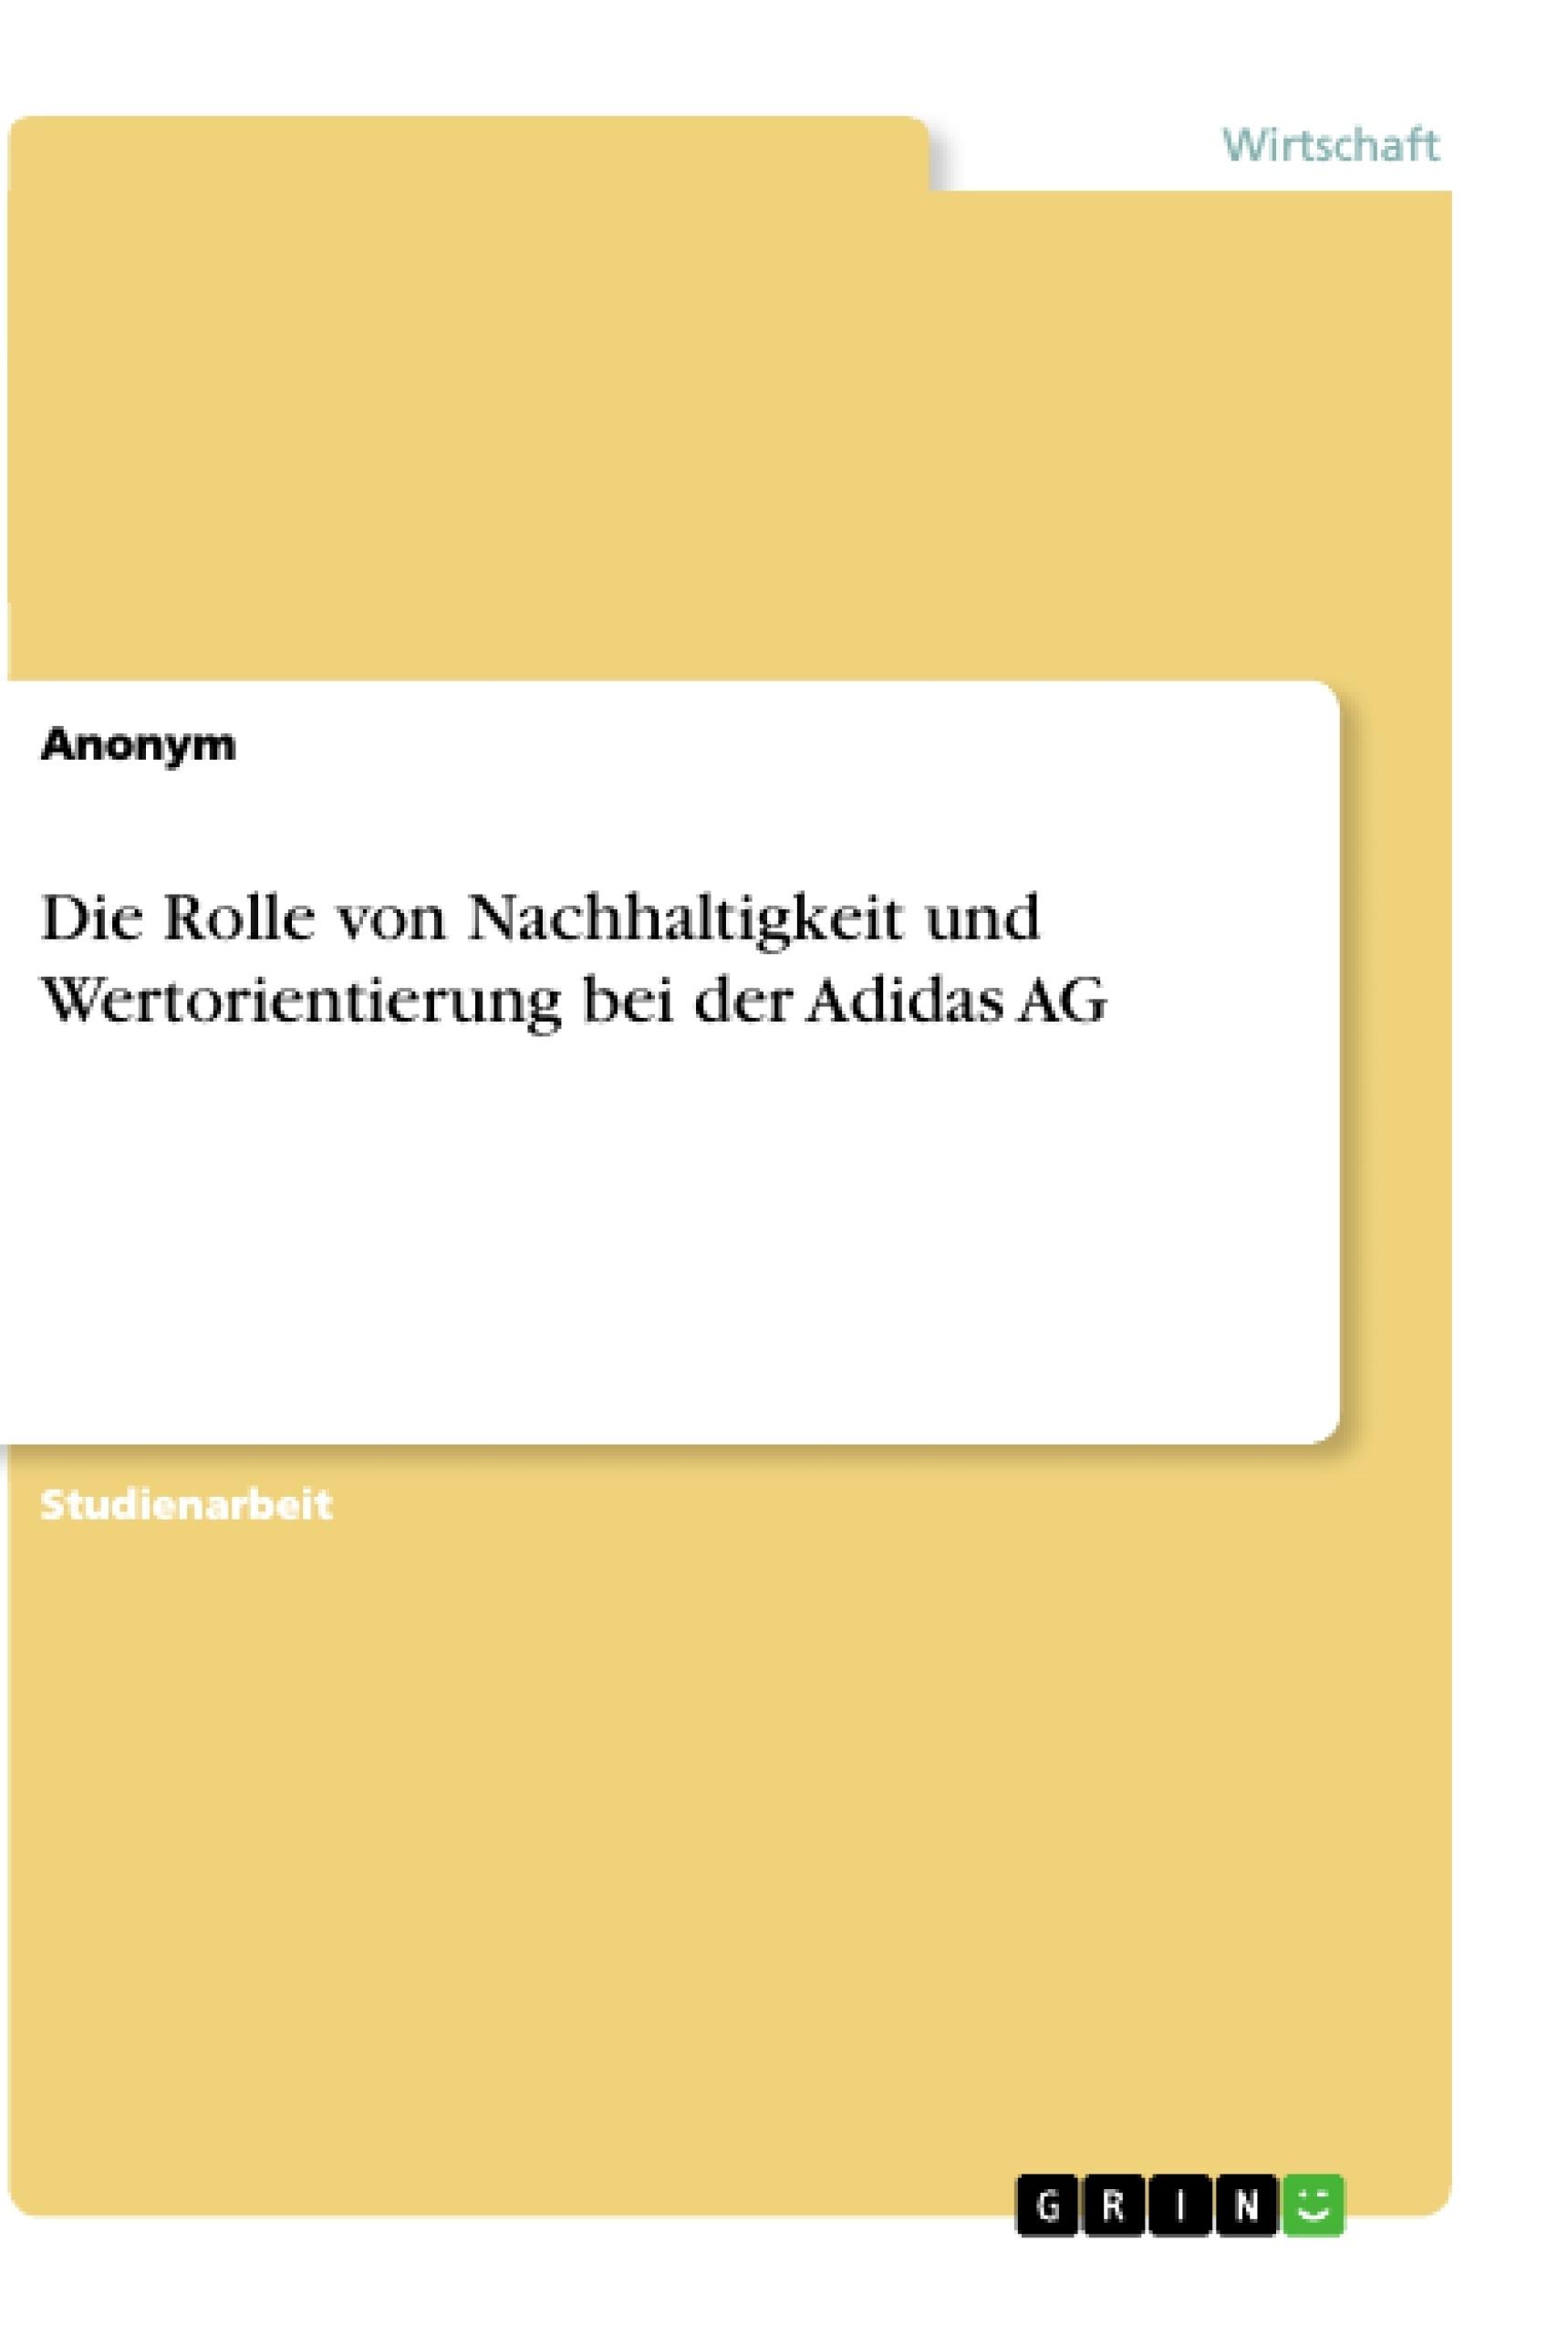 Titel: Die Rolle von Nachhaltigkeit und Wertorientierung bei der Adidas AG